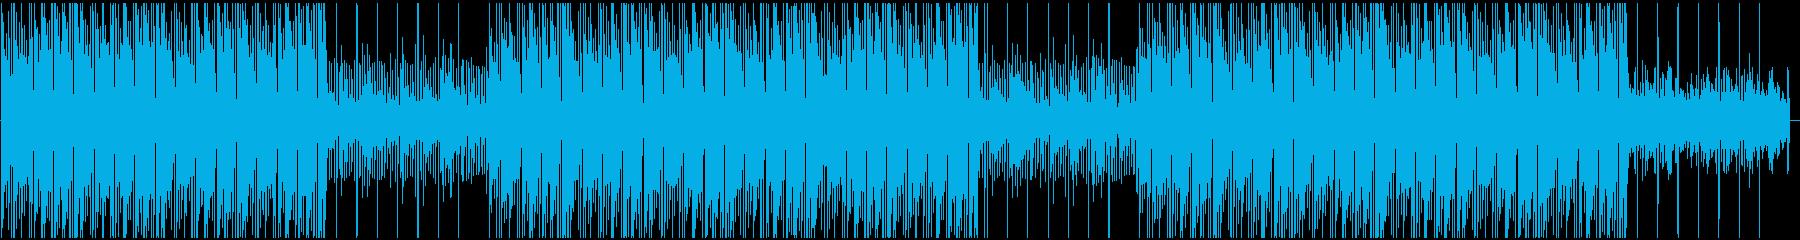 琴を使った夕焼けを感じる日本風ビートの再生済みの波形